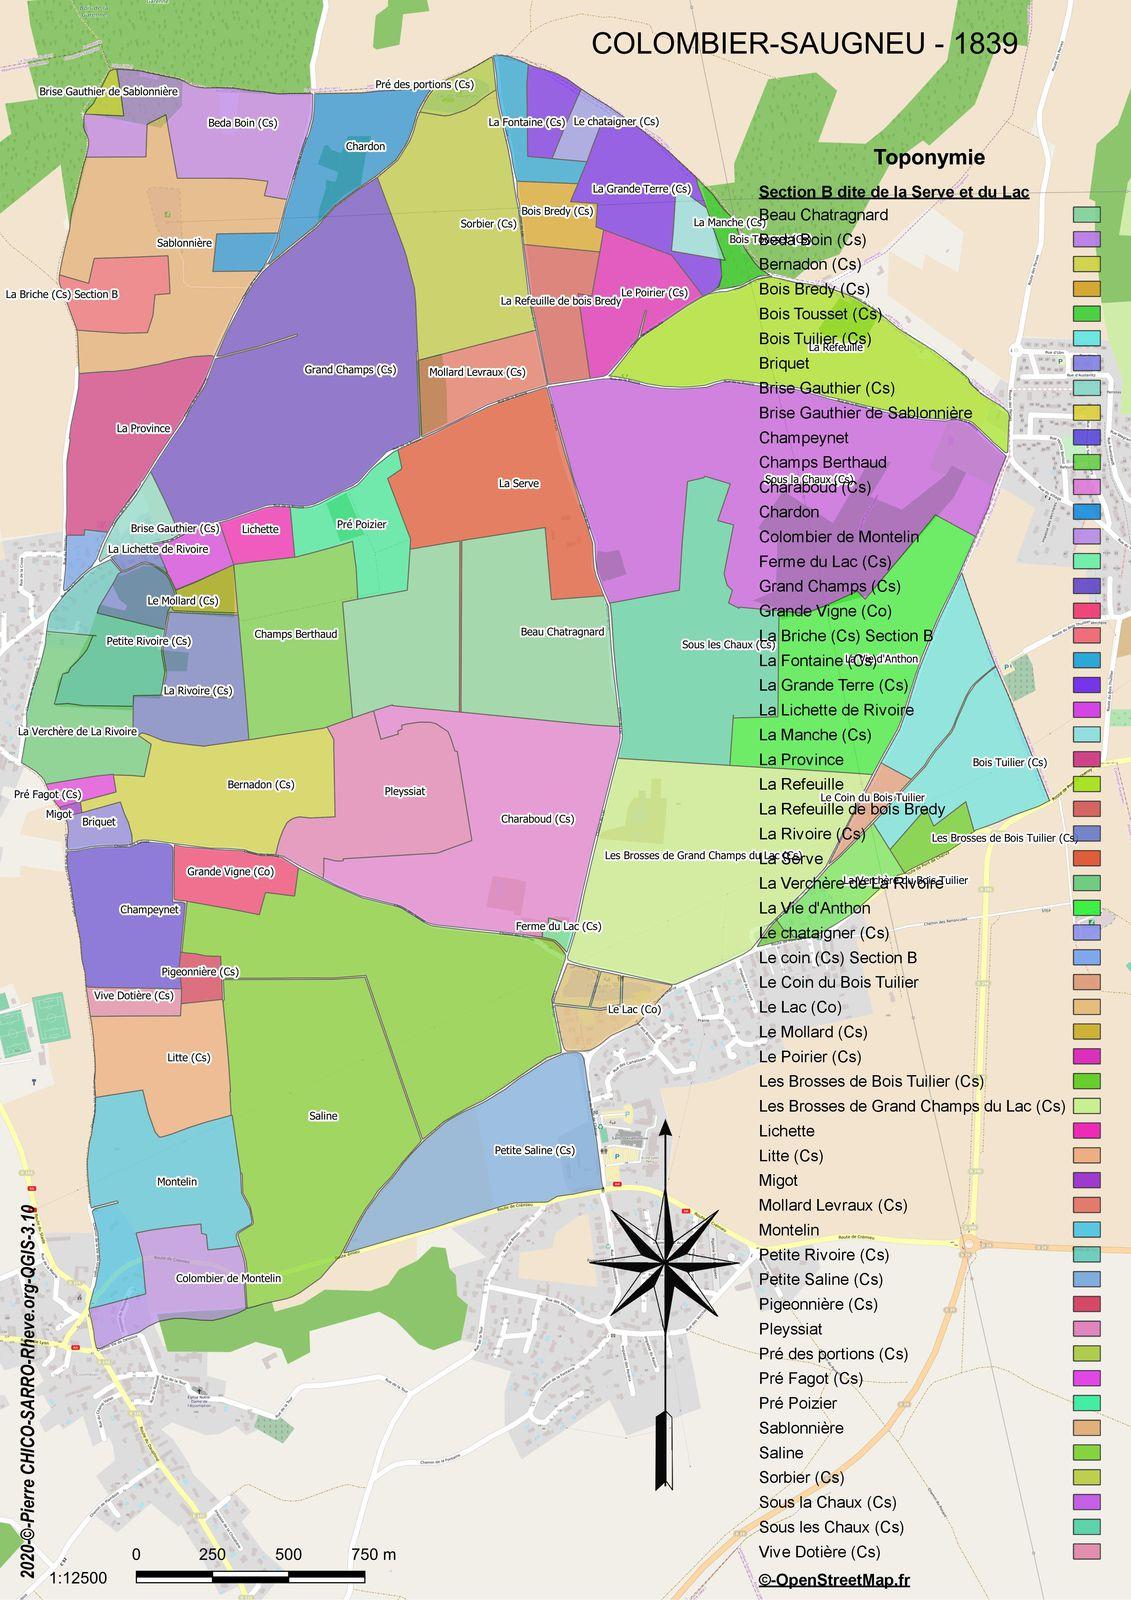 Distribution des toponymes de la section B dite de La Serve et du Lac à COLOMBIER-SAUGNEU en 1839